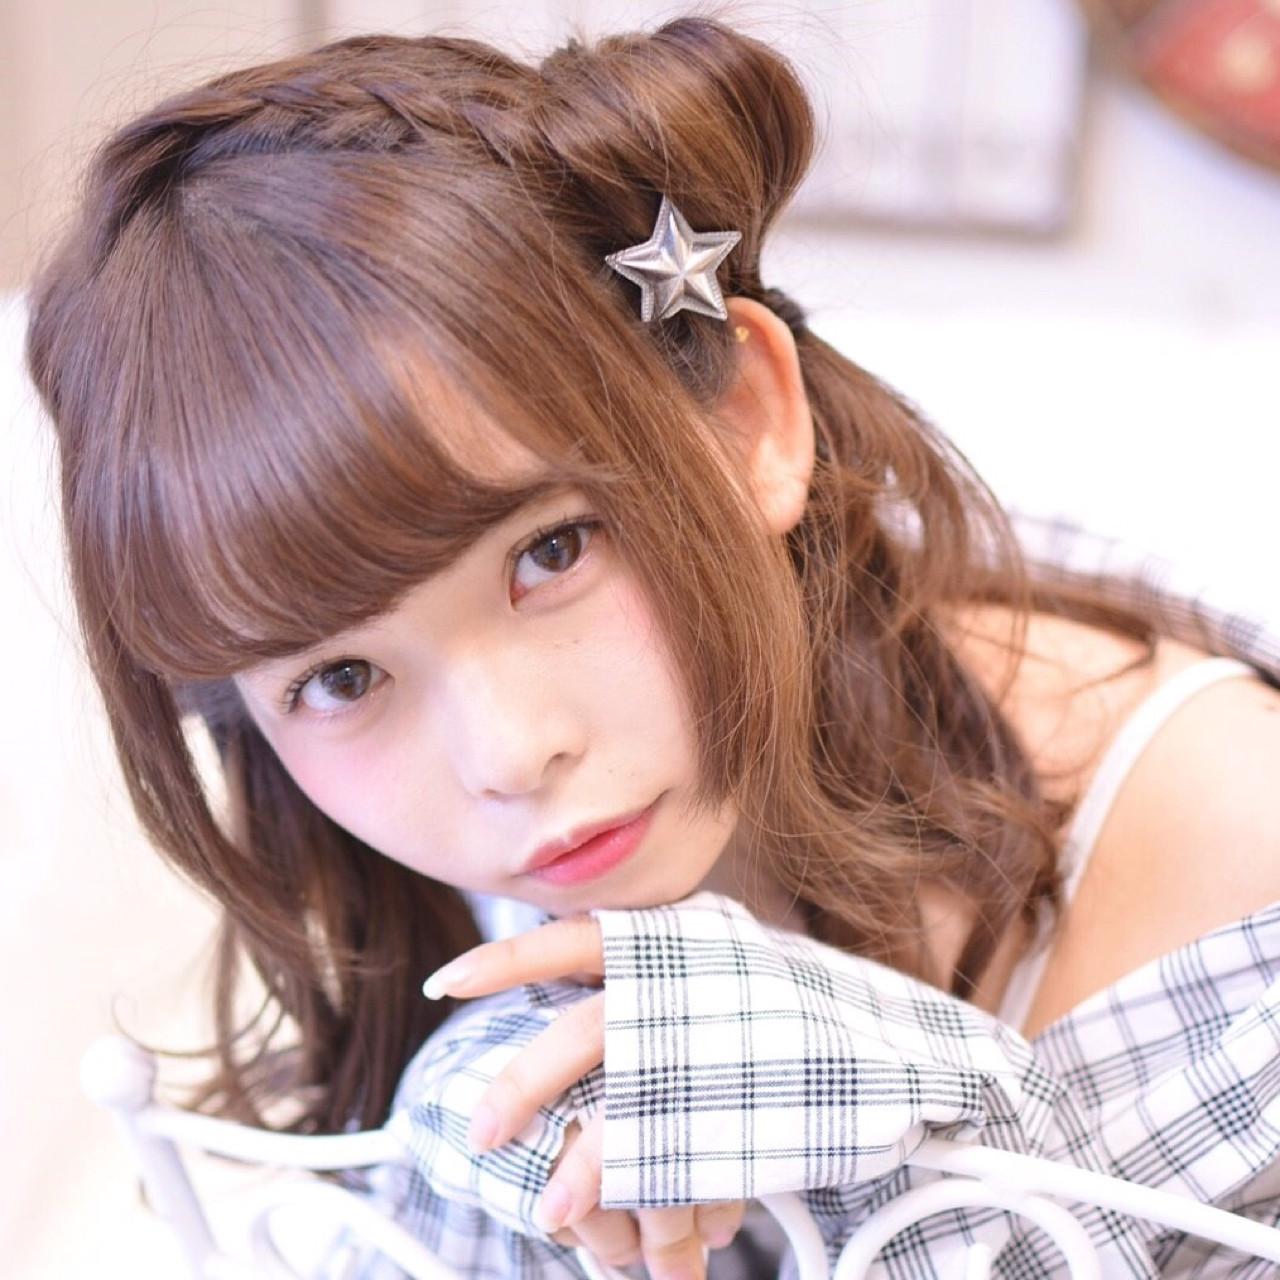 ミディアム 小顔 ガーリー おフェロ ヘアスタイルや髪型の写真・画像   Shiko Kajihara / メイズ